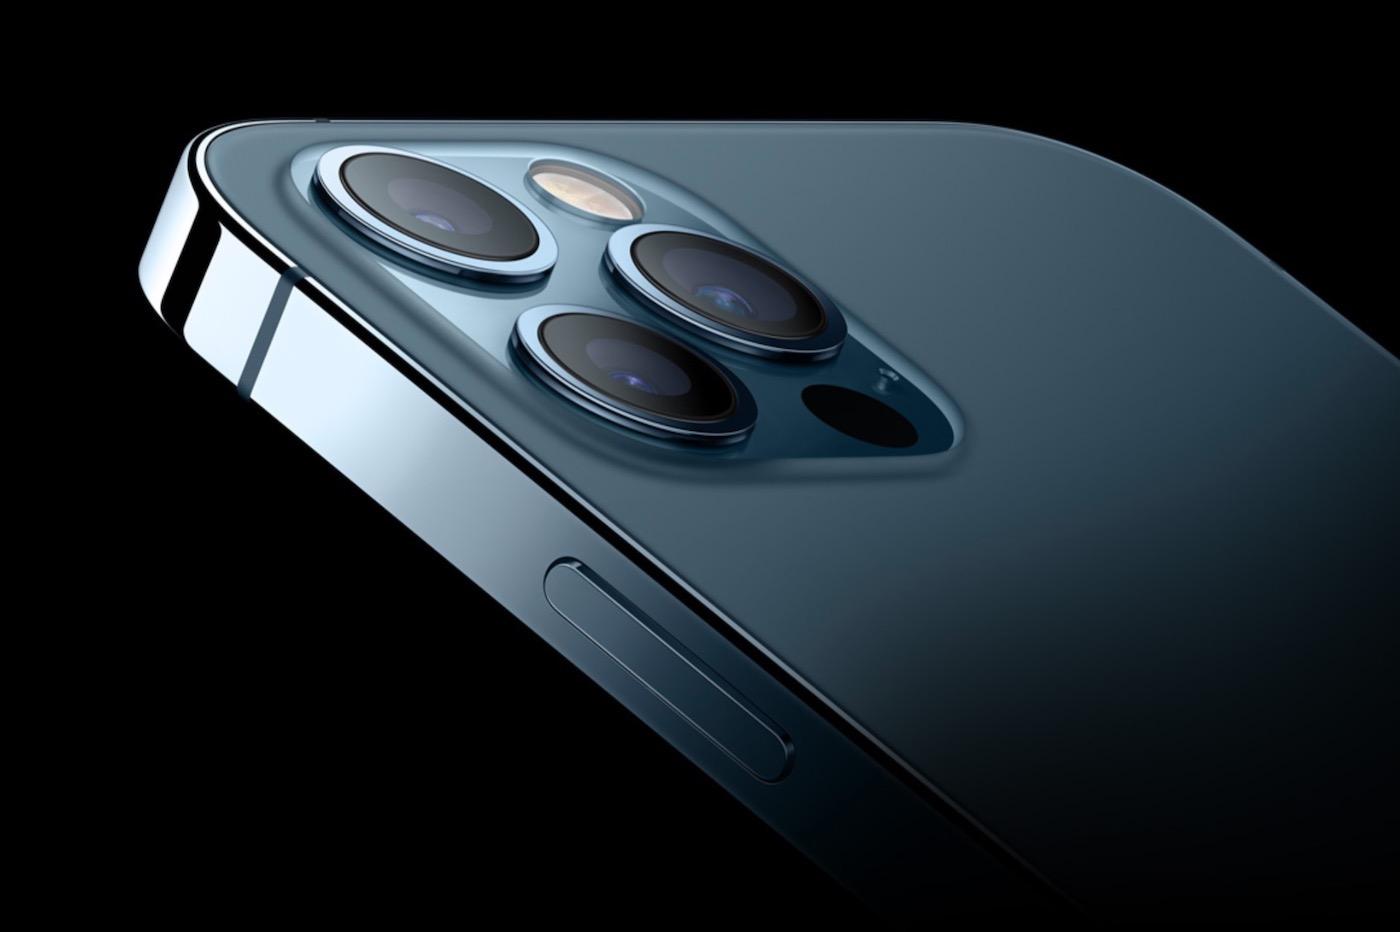 Apple souhaite transférer la production d'iPad et de MacBook hors de Chine